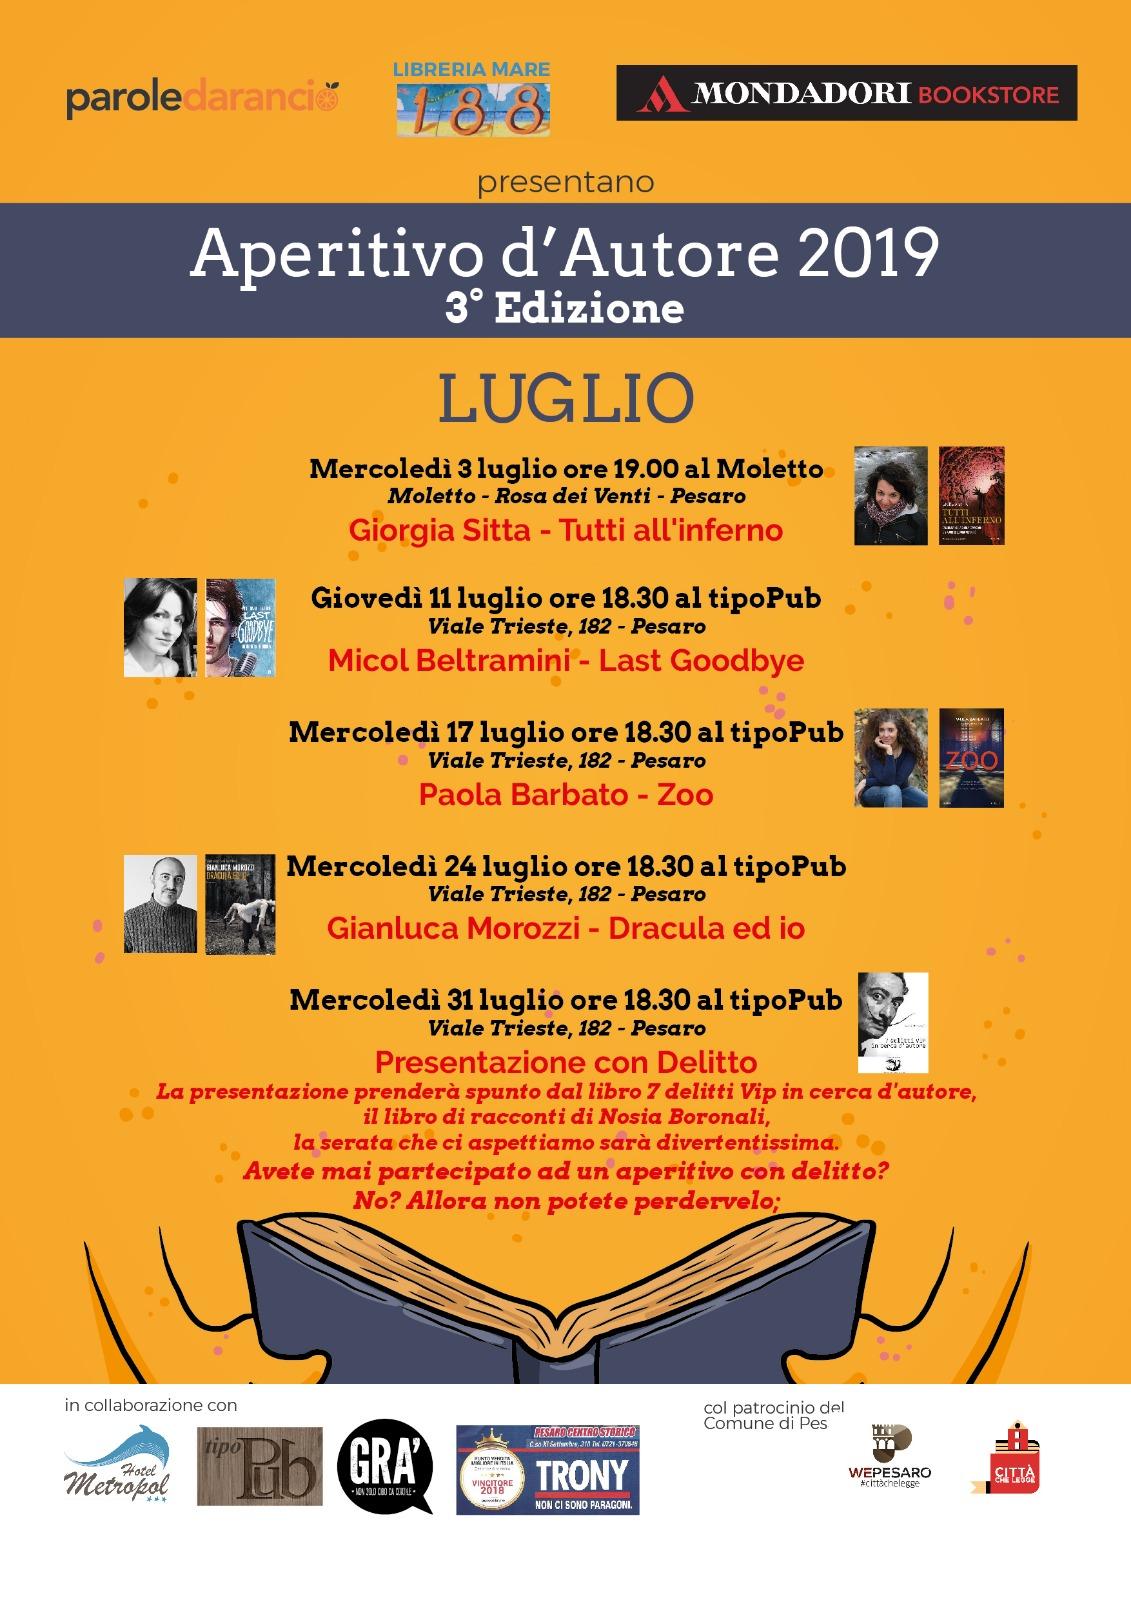 aperitivo d'autore 2019 3^edizione